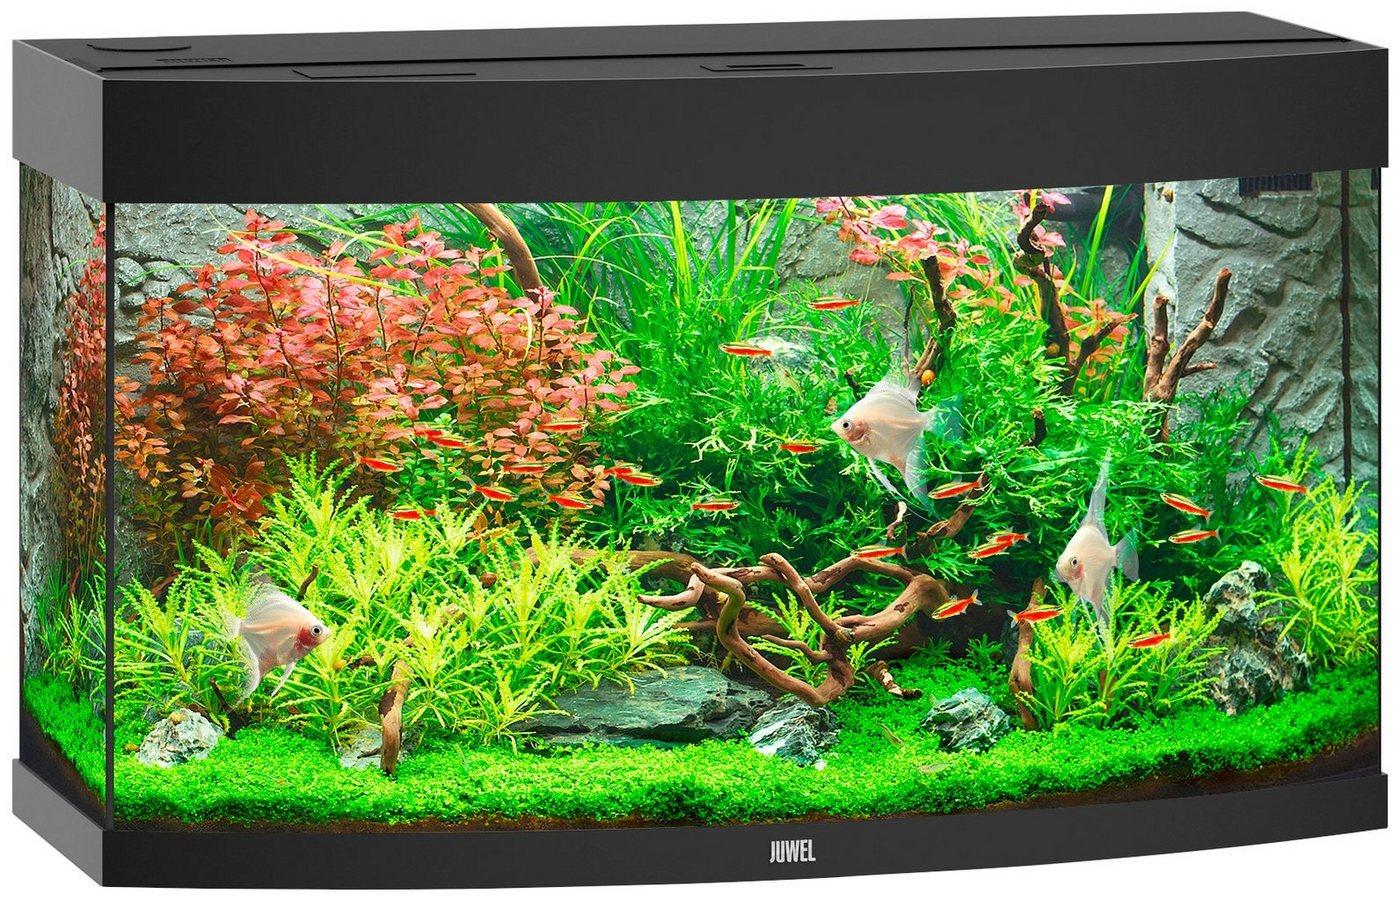 juwel vision 180 ohne unterschrank preisvergleich aquarium set g nstig kaufen bei. Black Bedroom Furniture Sets. Home Design Ideas